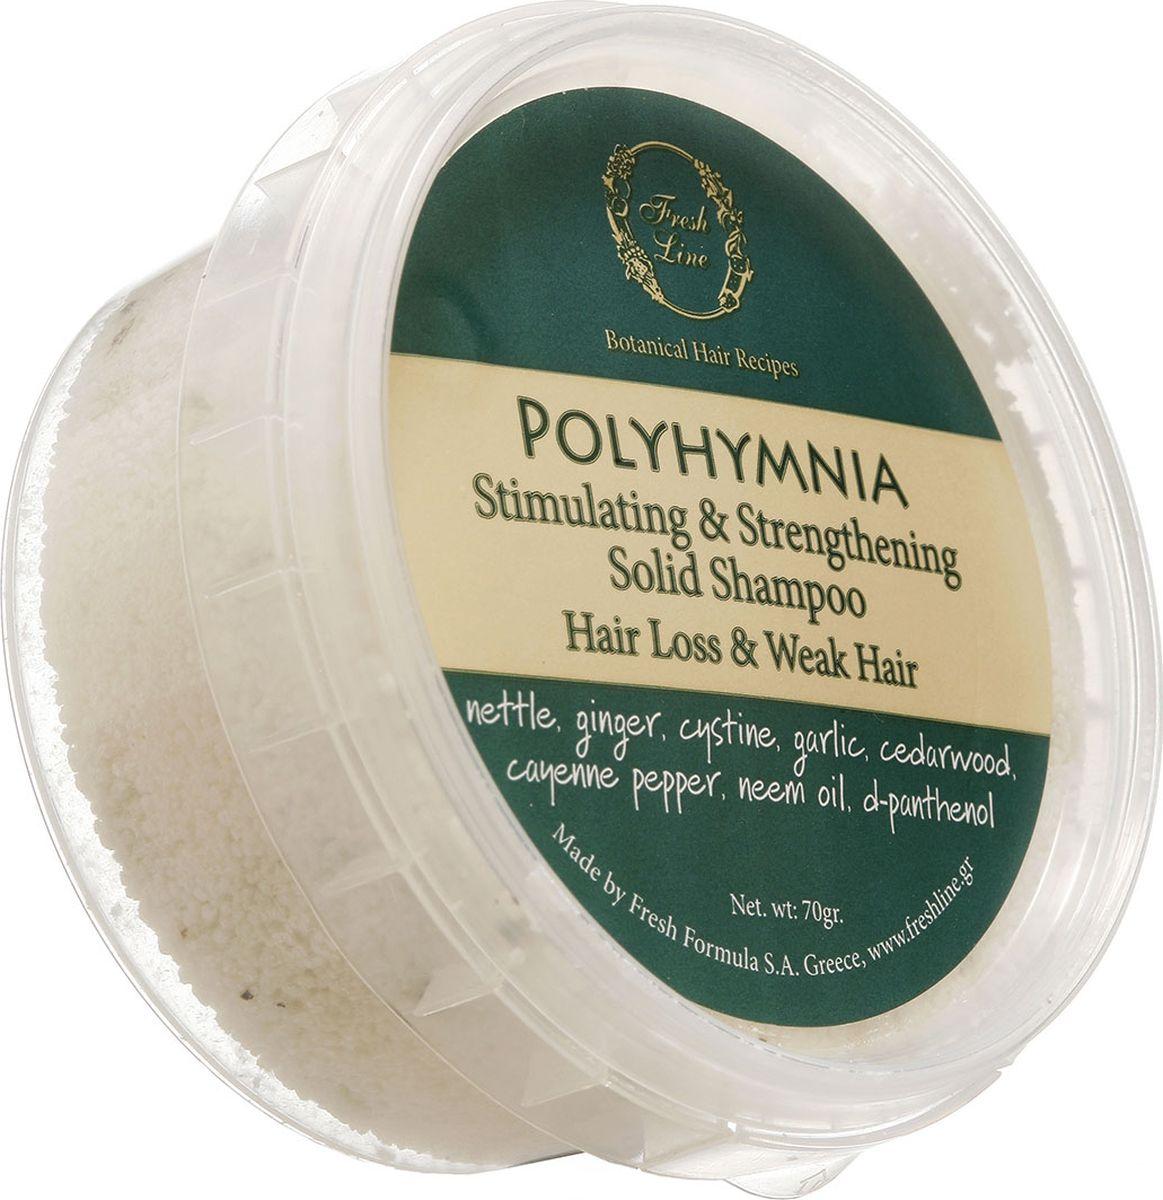 Fresh Line Шампунь твердый для волос от выпадения Полимния, 70 г7222476000Содержит сильнодействующие эфирные масла: лавра благородного, черного перца, кедра, шалфея мускатного, чеснока и имбиря, которые улучшают рост волос и тонизируют микроциркуляцию кожи головы. Идеально подходит и для мужчин, и для женщин. Применяется также для лечения периодического выпадения волос (весна, осень) и после беременности.